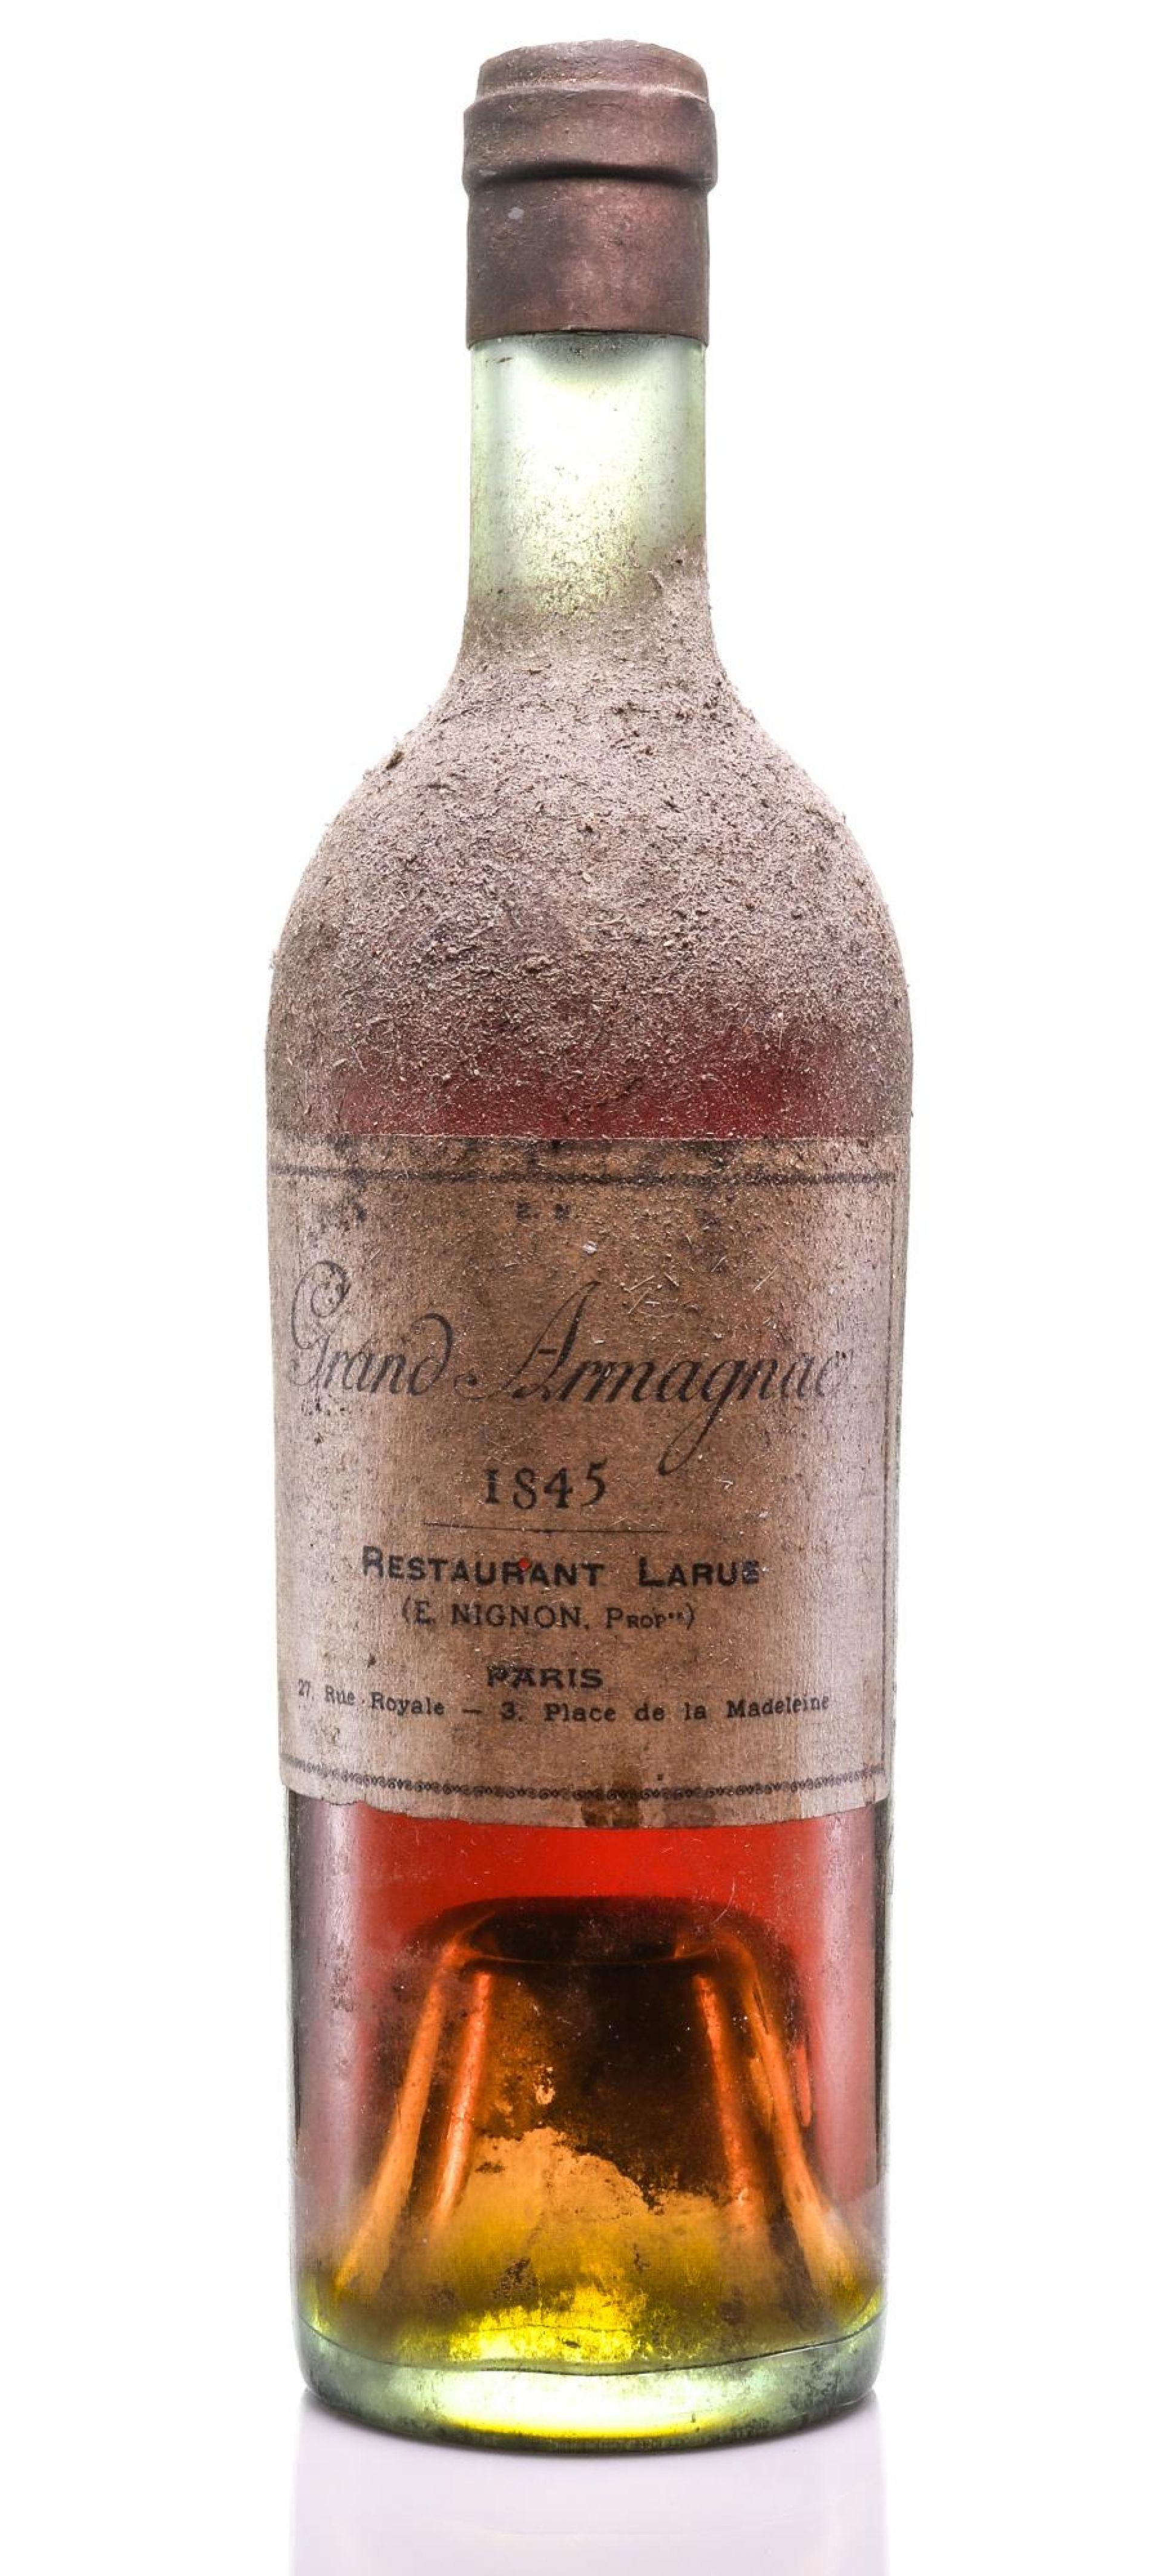 Armagnac 1845 Restaurant Larue